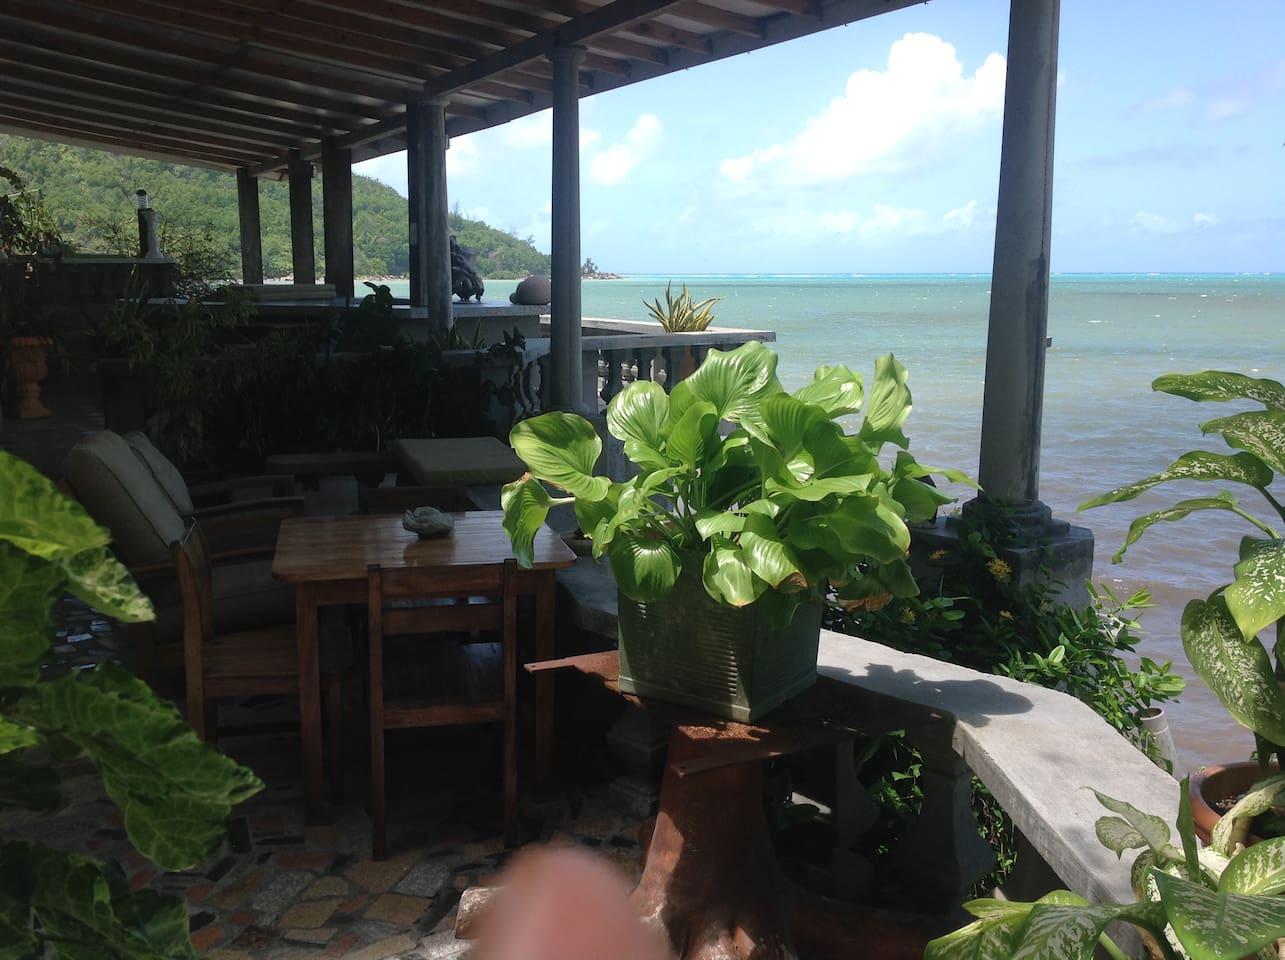 Vue sur la baie depuis la terrasse